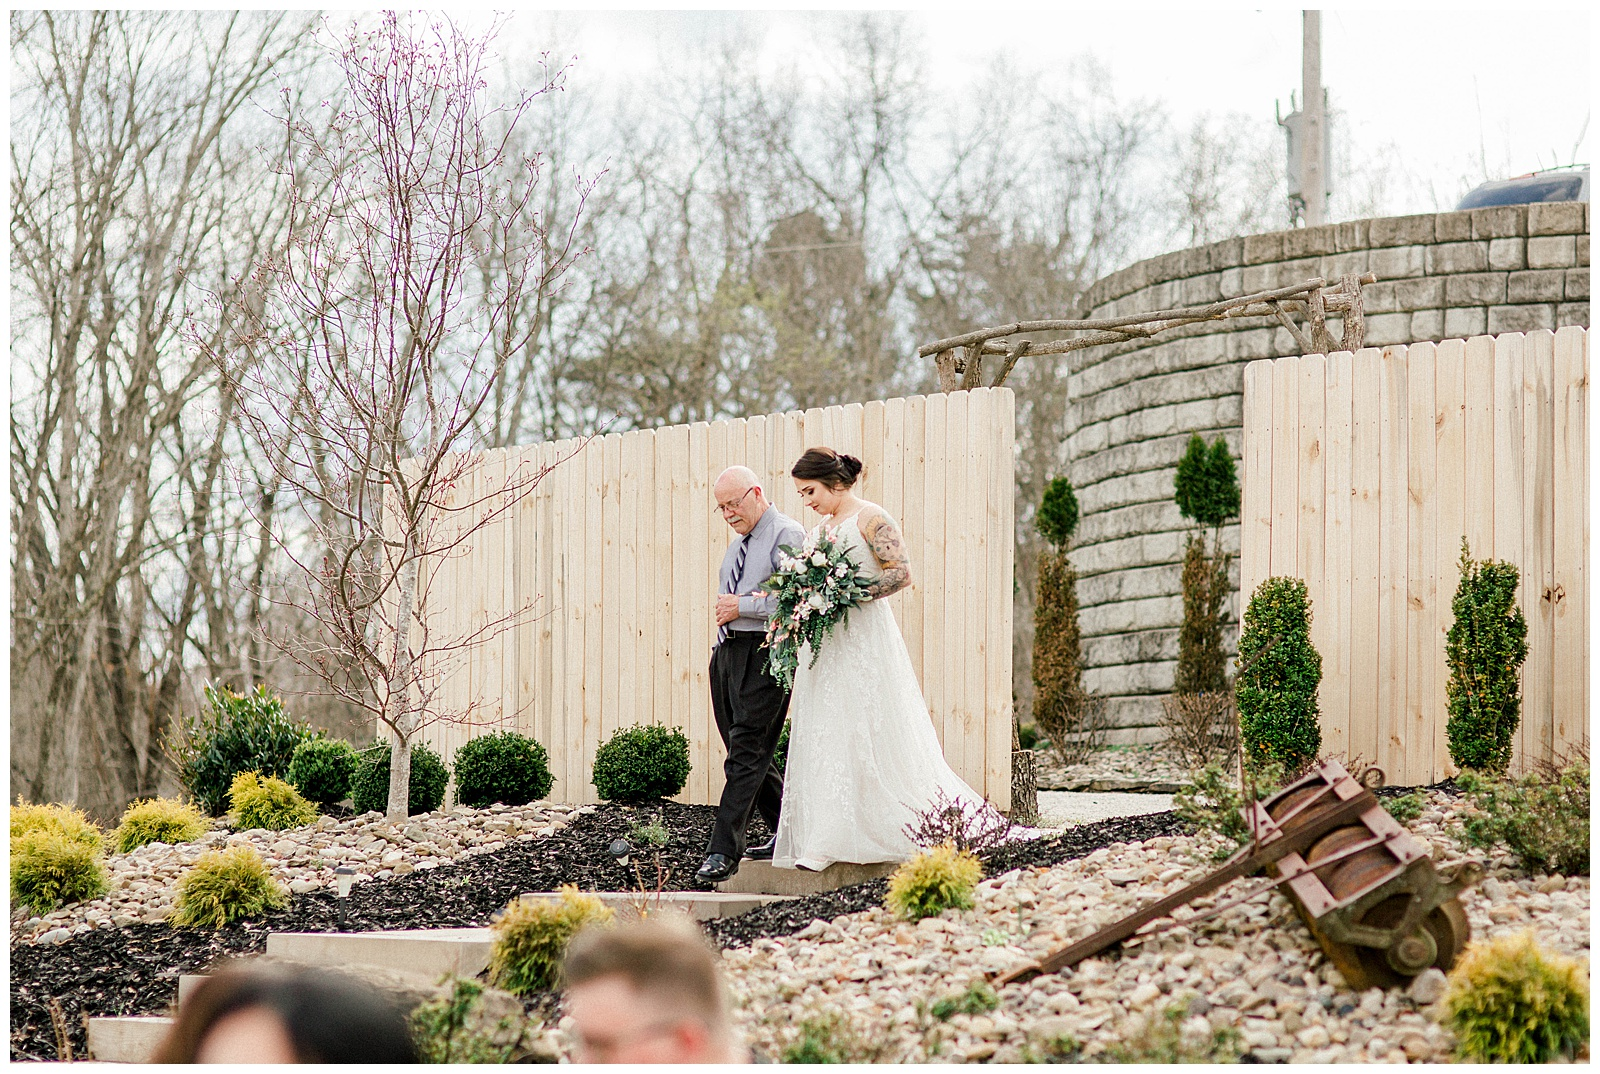 Lewis-Kara-Blakeman-Photography-Huntington-West-Virginia-Wedding-Barn-Olde-Homestead-22